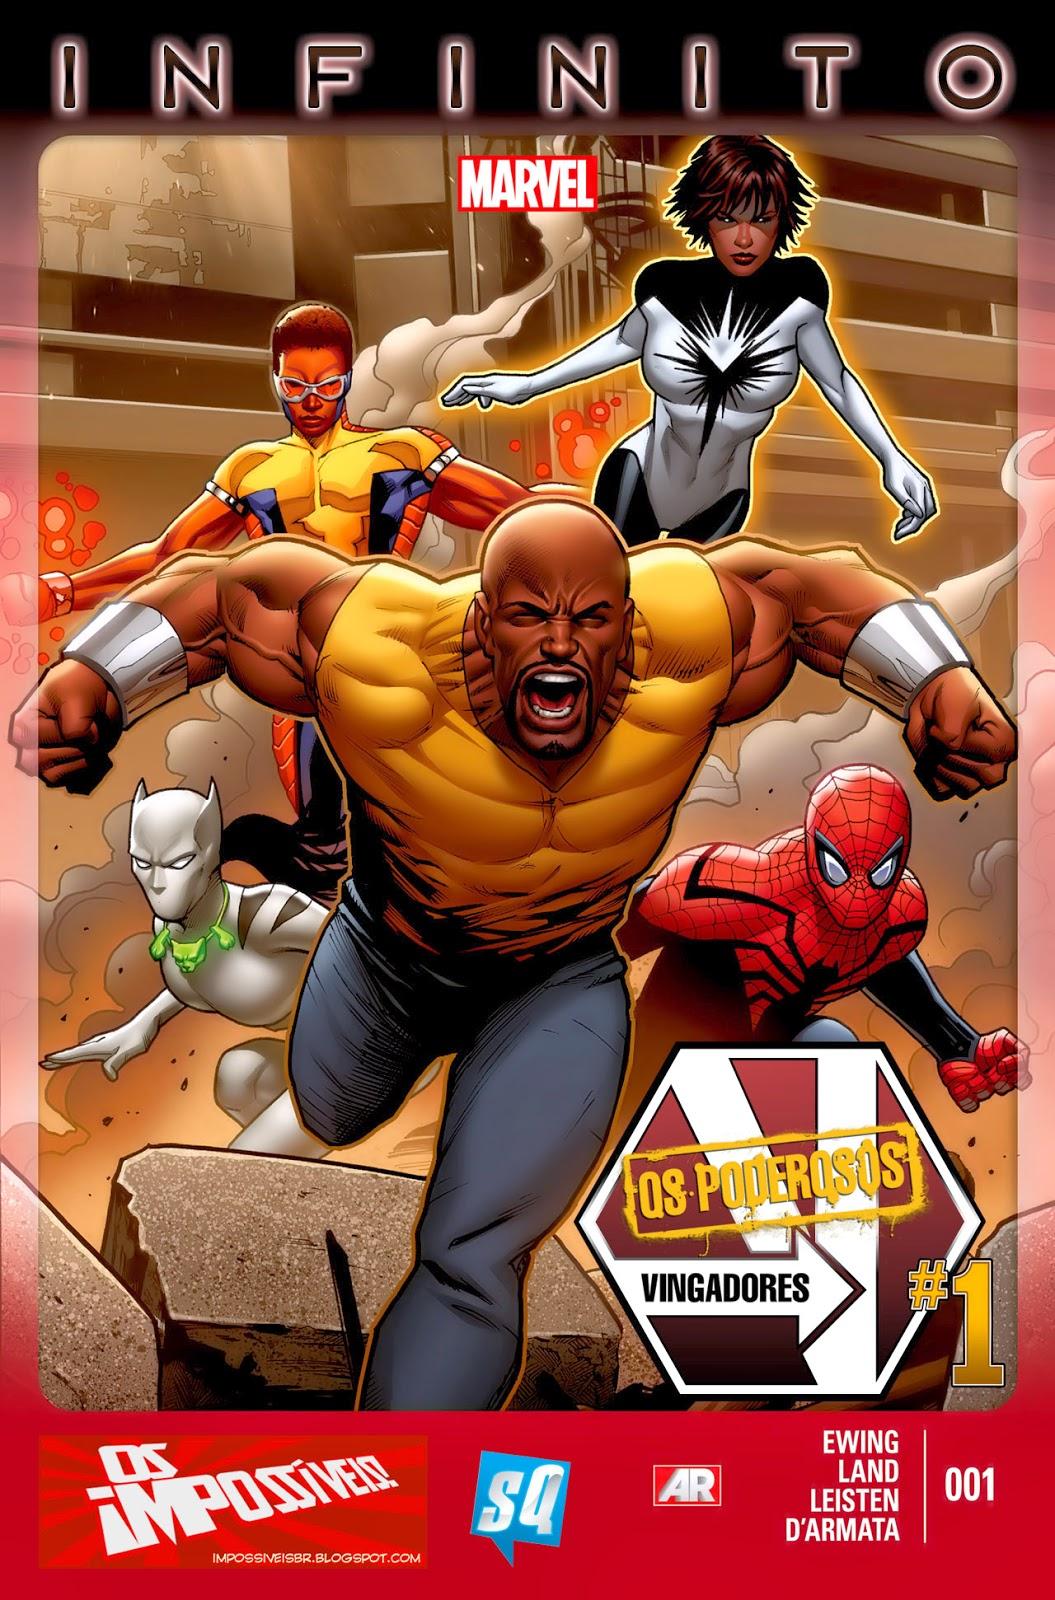 Nova Marvel! Os Poderosos Vingadores #1